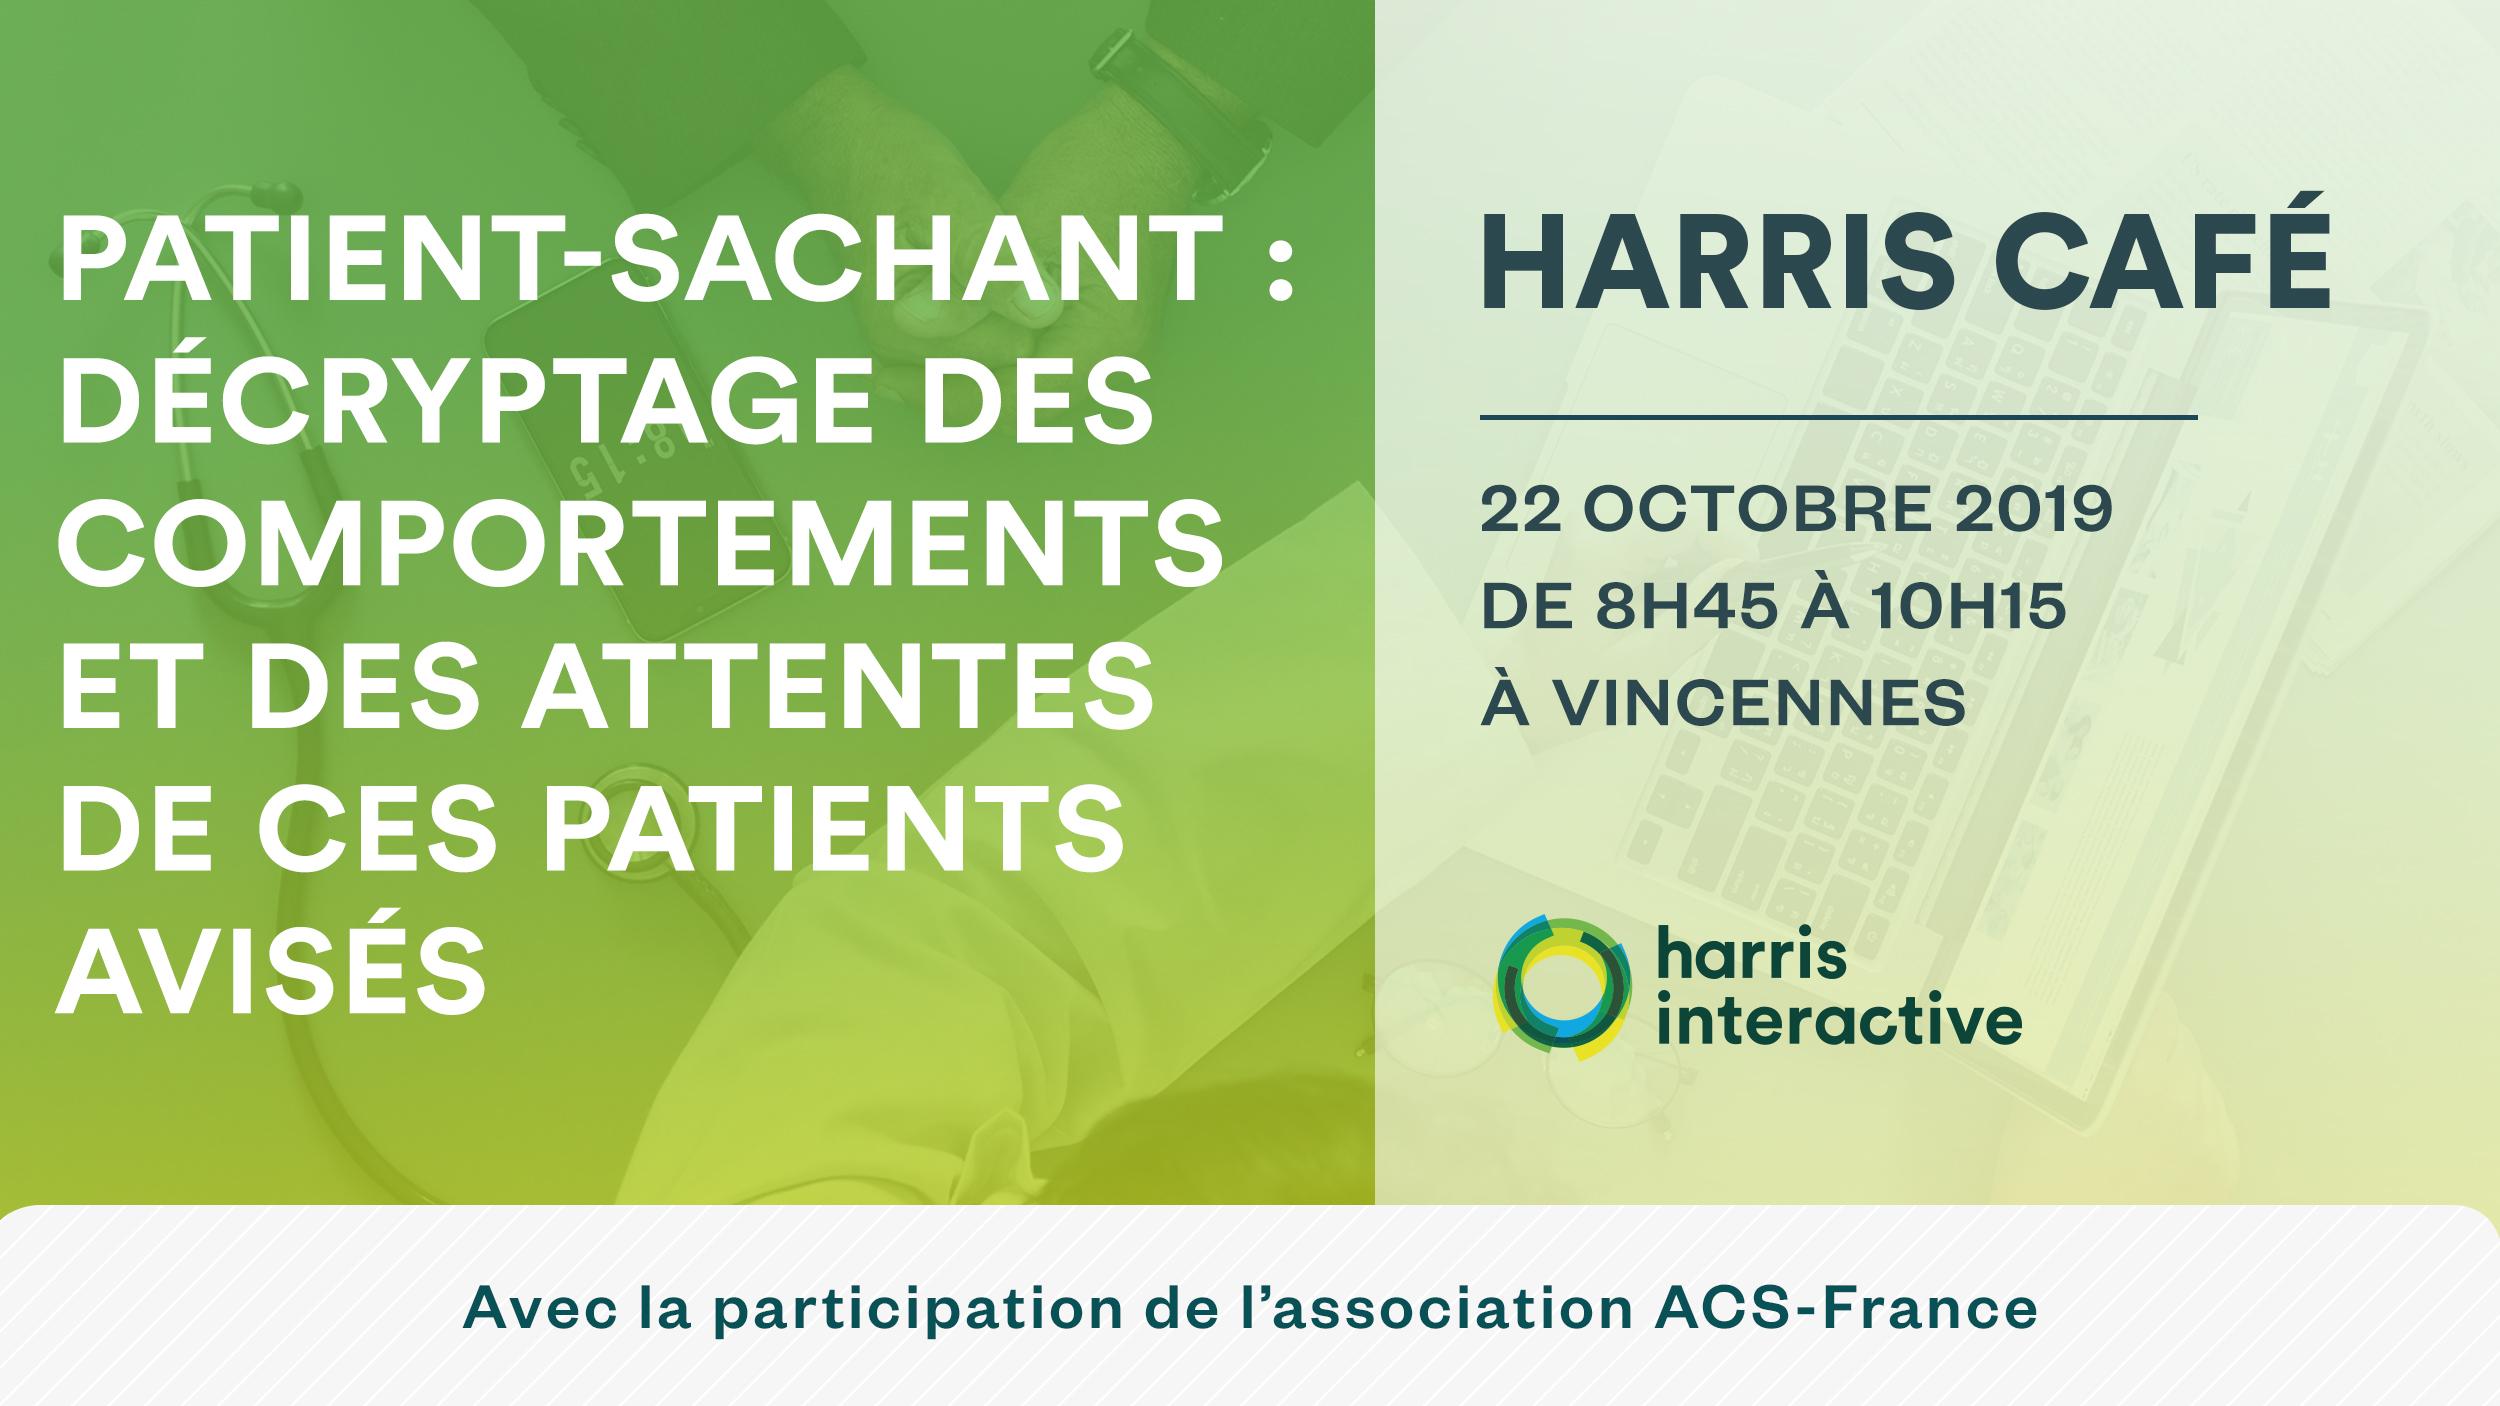 [Event] Patient-Sachant : décryptage des comportements et des attentes de ces patients avisés image